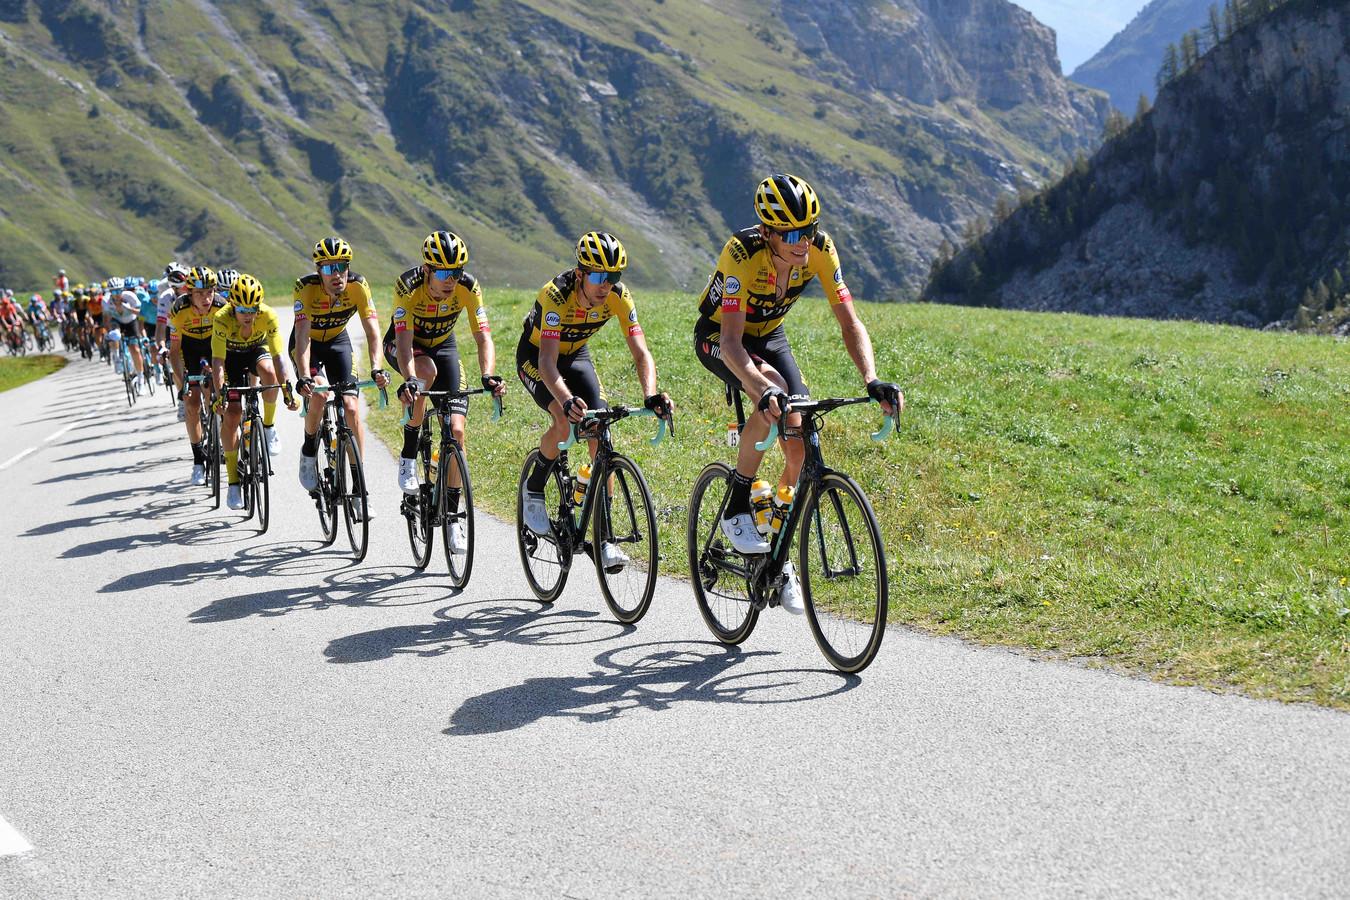 Hét beeld van drie weken Tour de France, met name in de bergen: Jumbo, Jumbo, Jumbo en nog eens Jumbo.